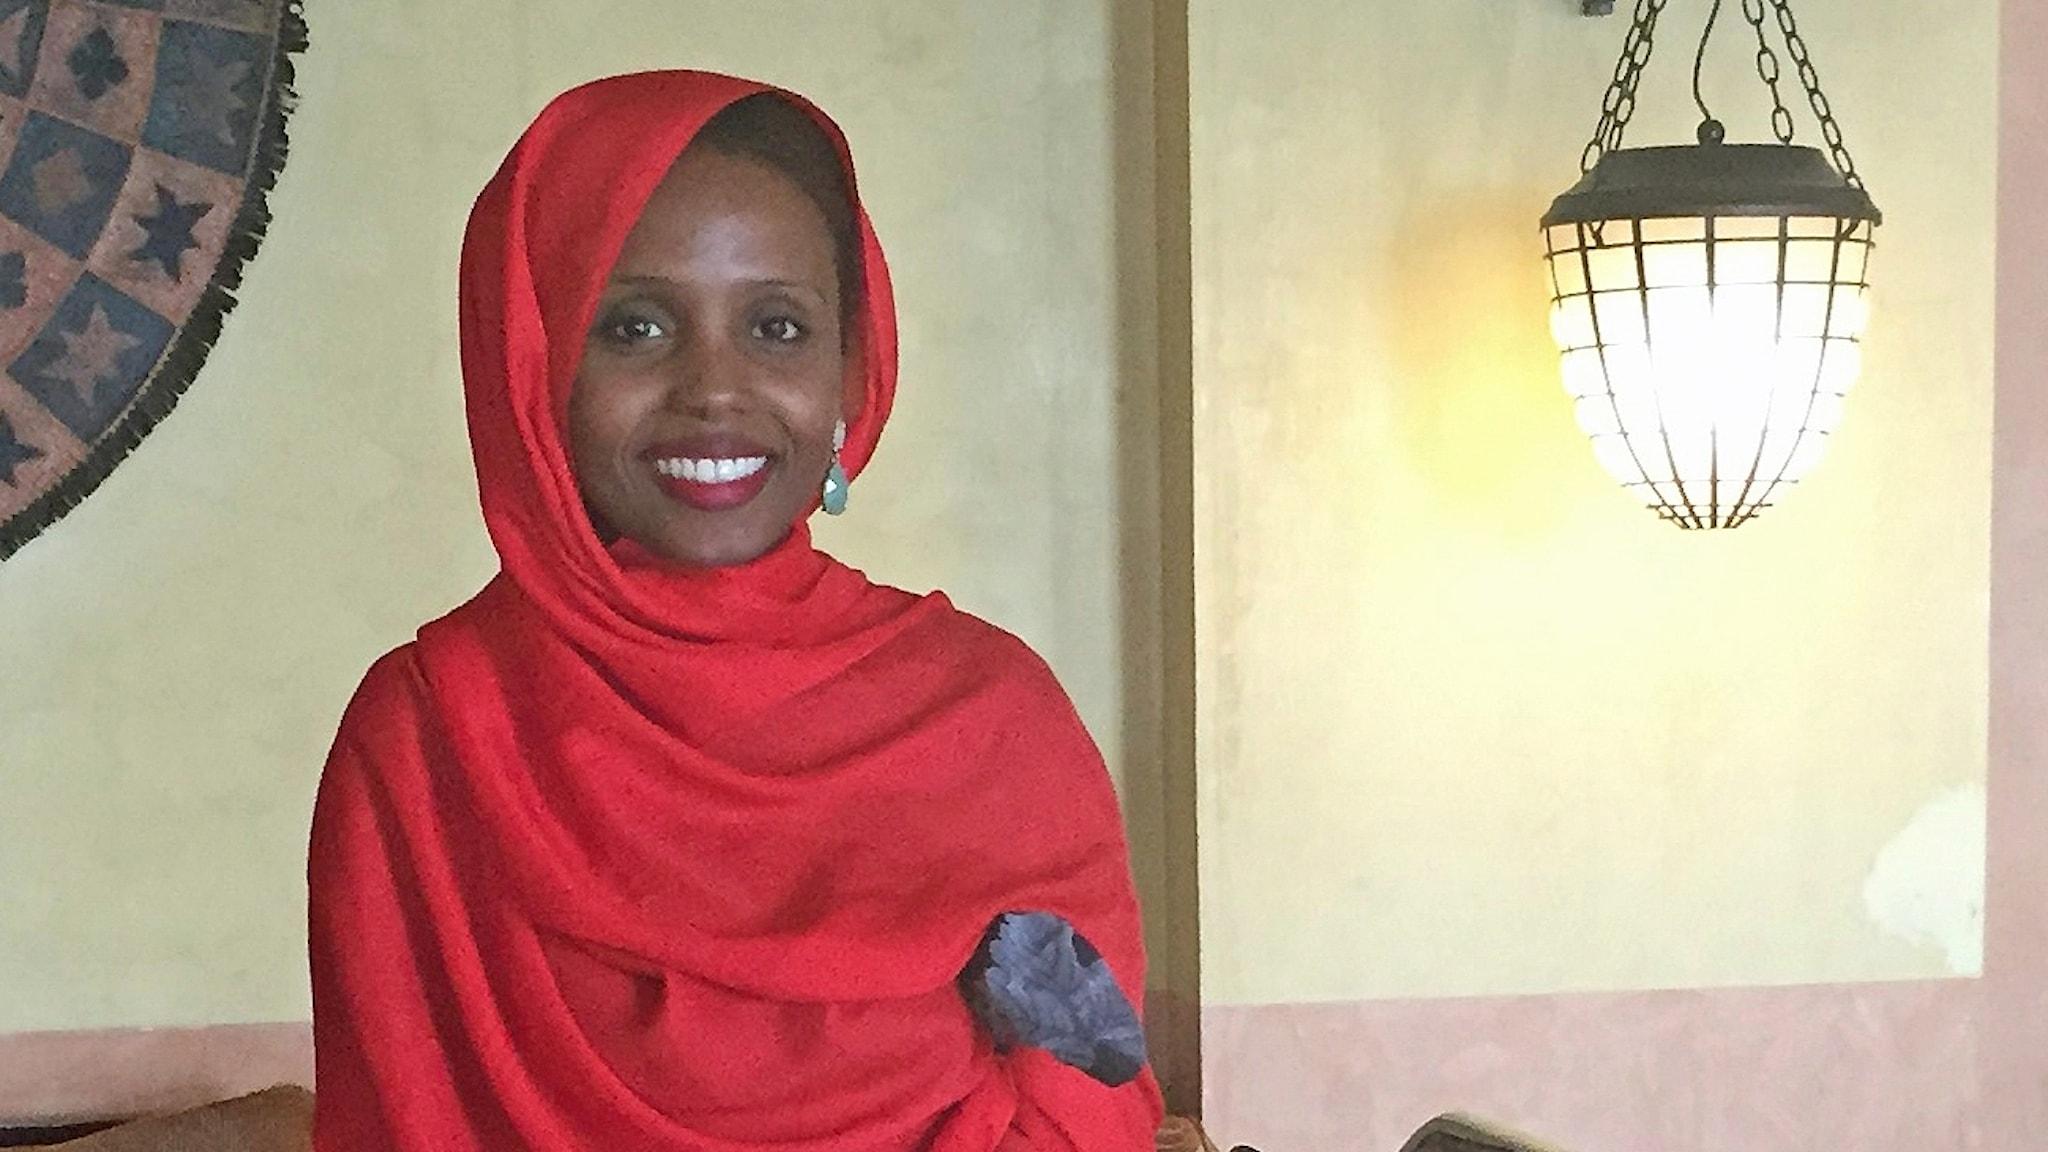 Fardoussa Abdillahi Hassan